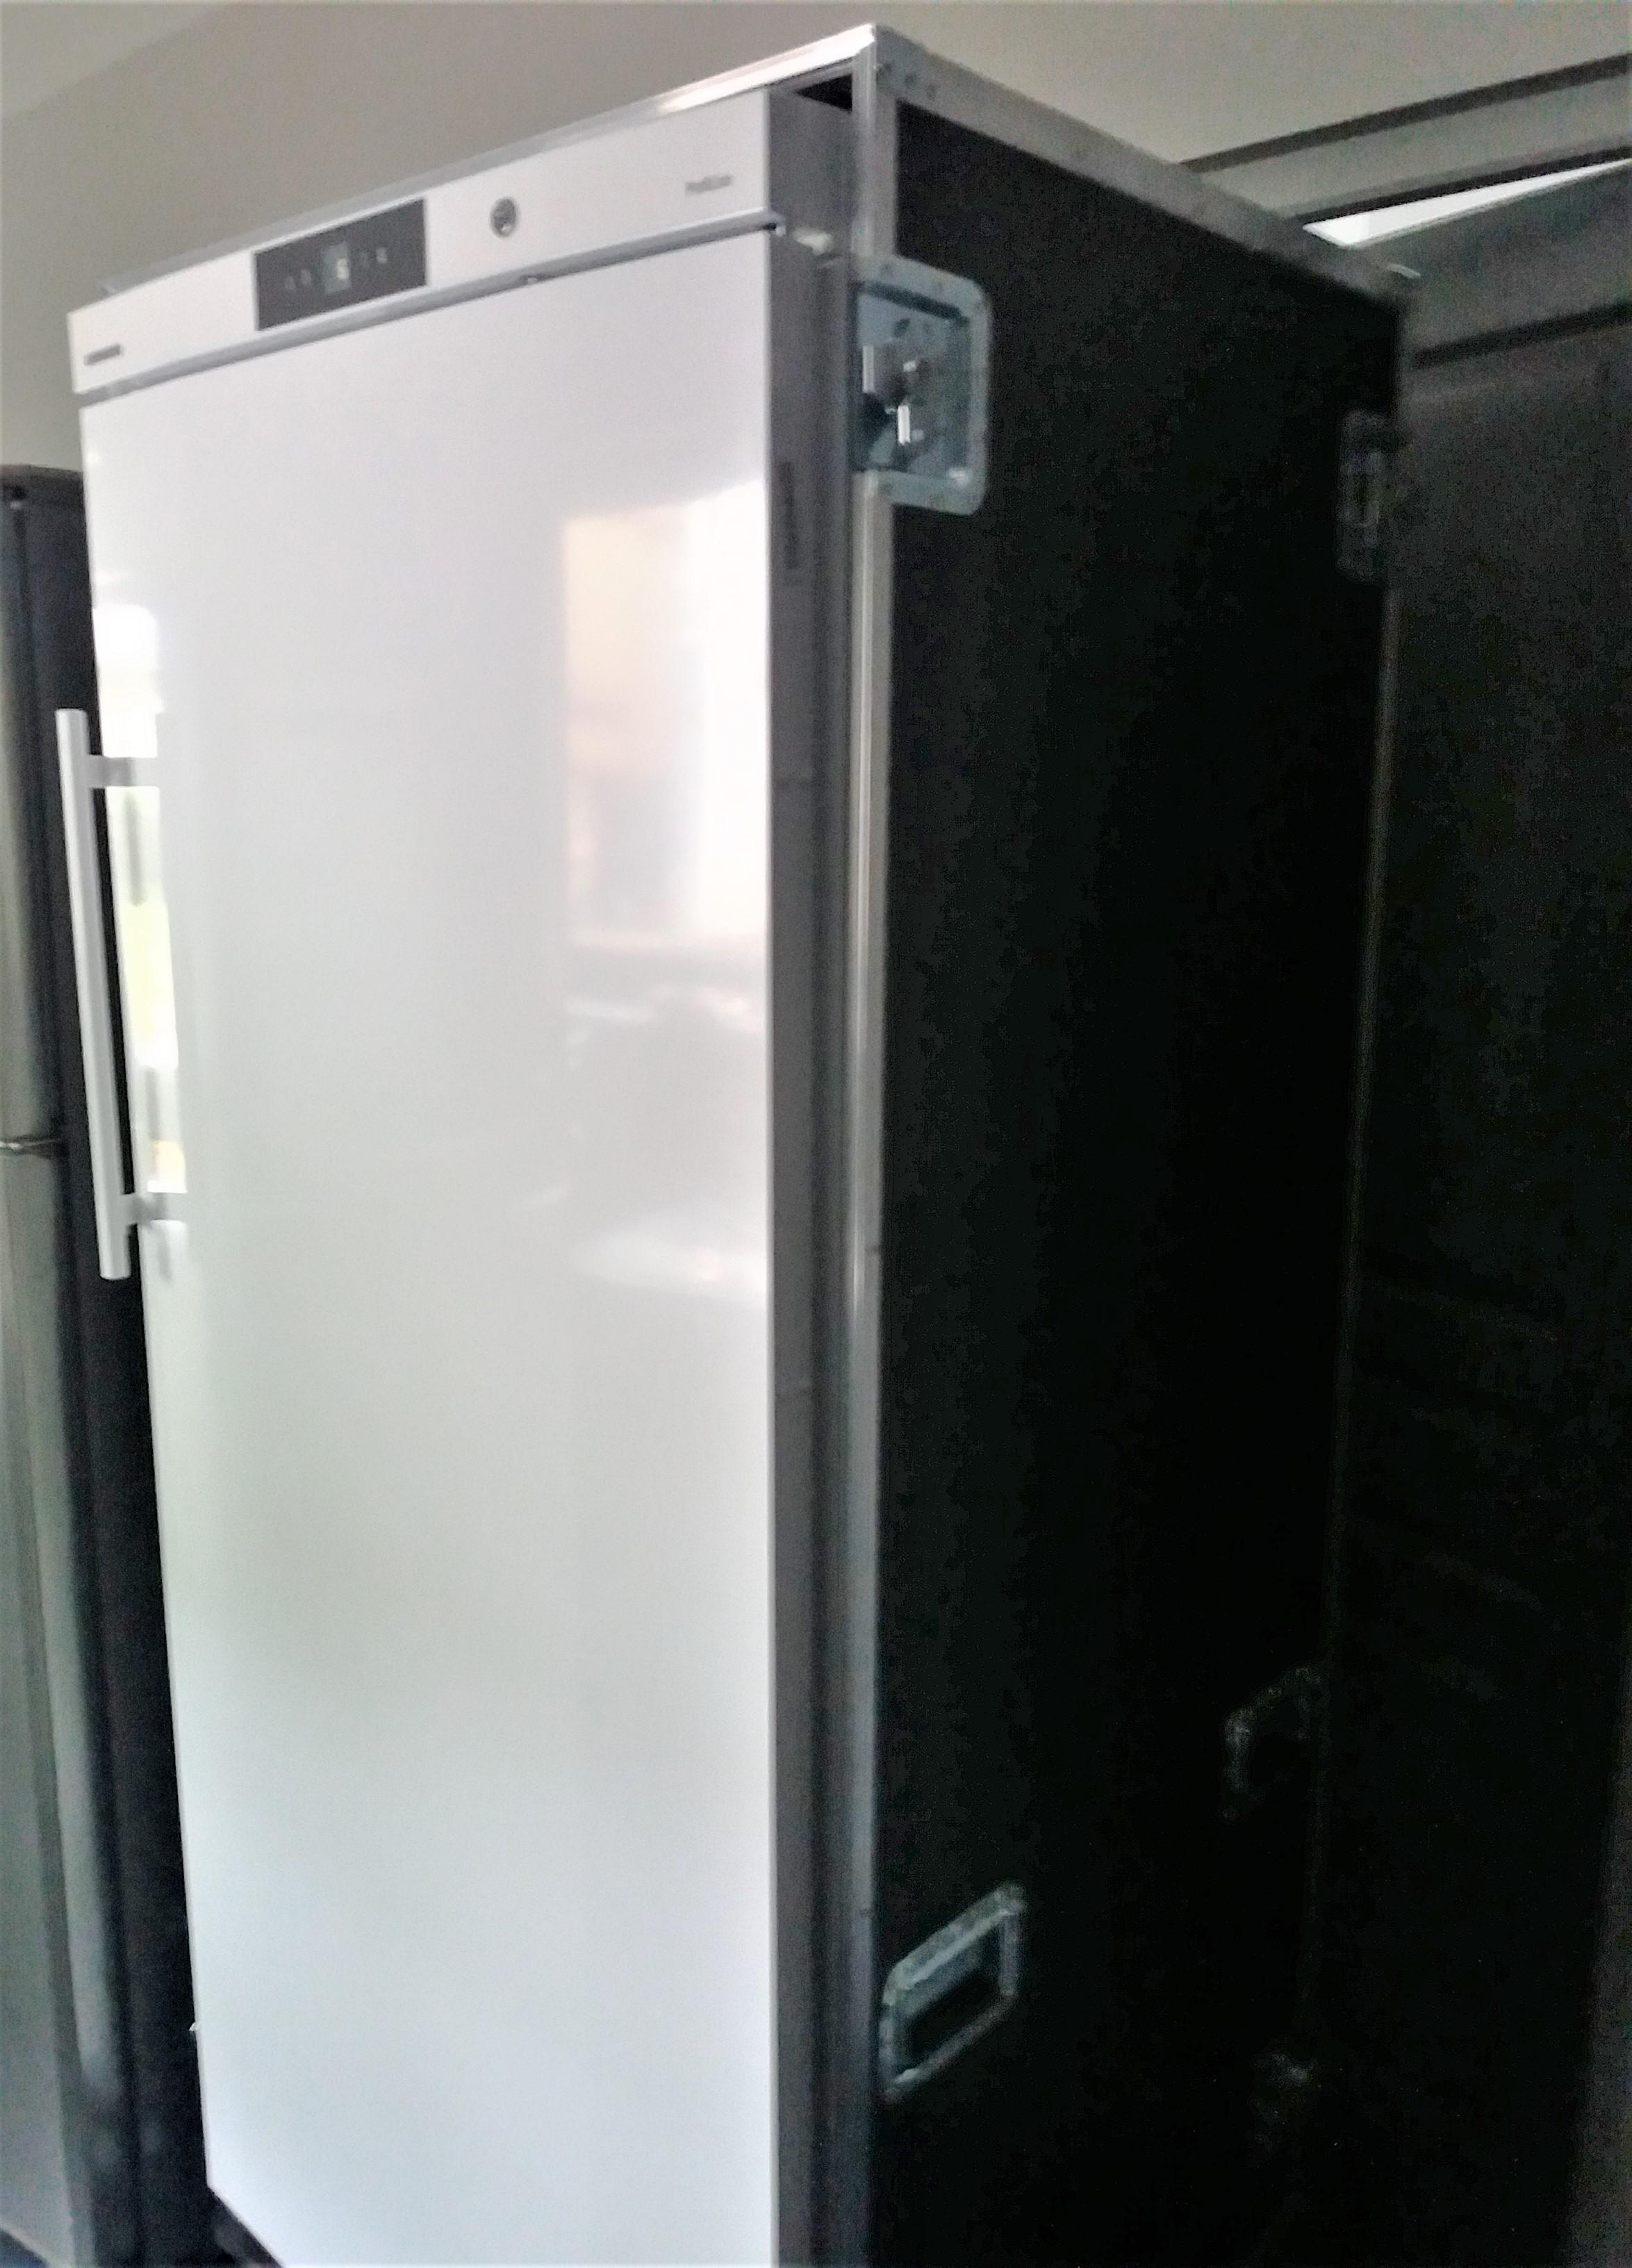 Armoire réfrigérée positive GN2/1 LIEBHERR 583L en flight-case